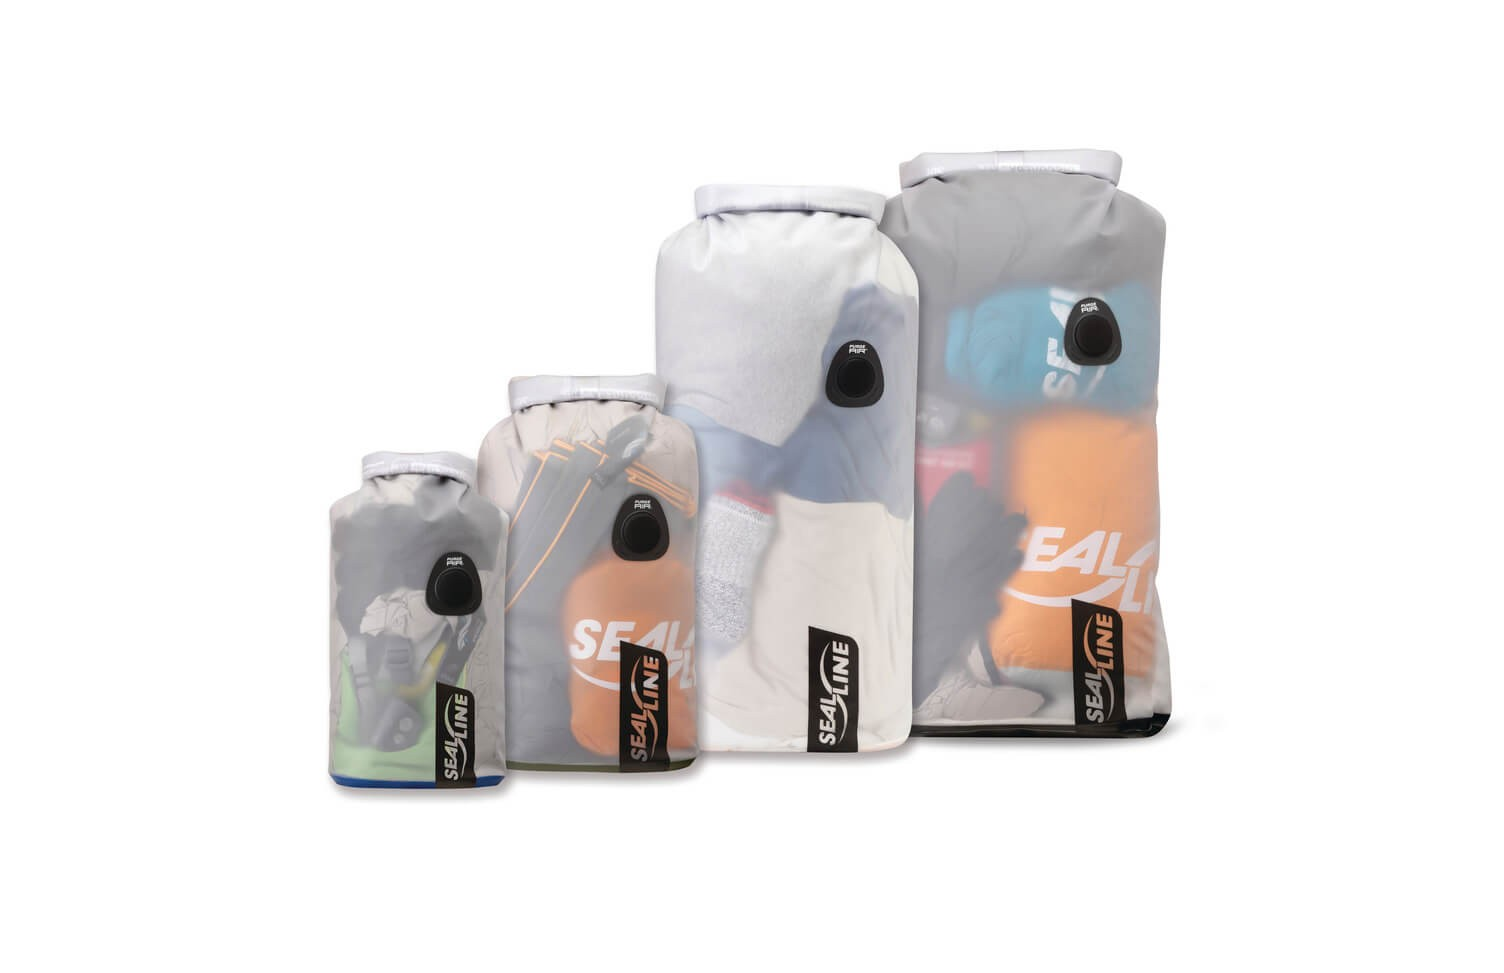 b1cbb3236d7a4 Worek wodoszczelny przezroczysty SealLine Discovery View Dry Bag ...